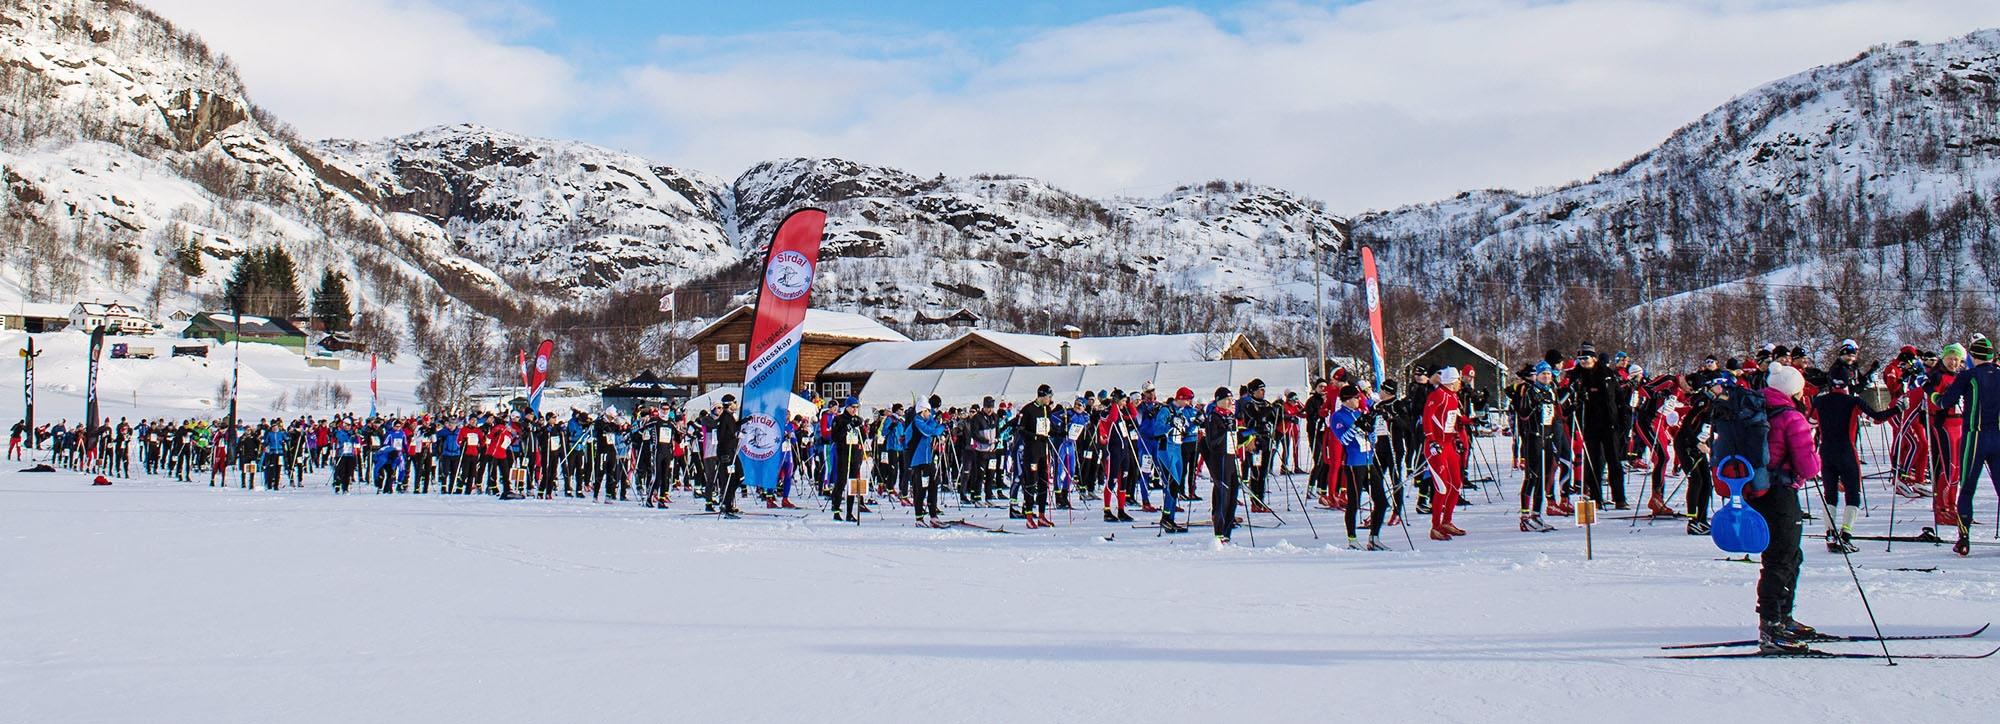 skimaraton rennstart 2013.jpg